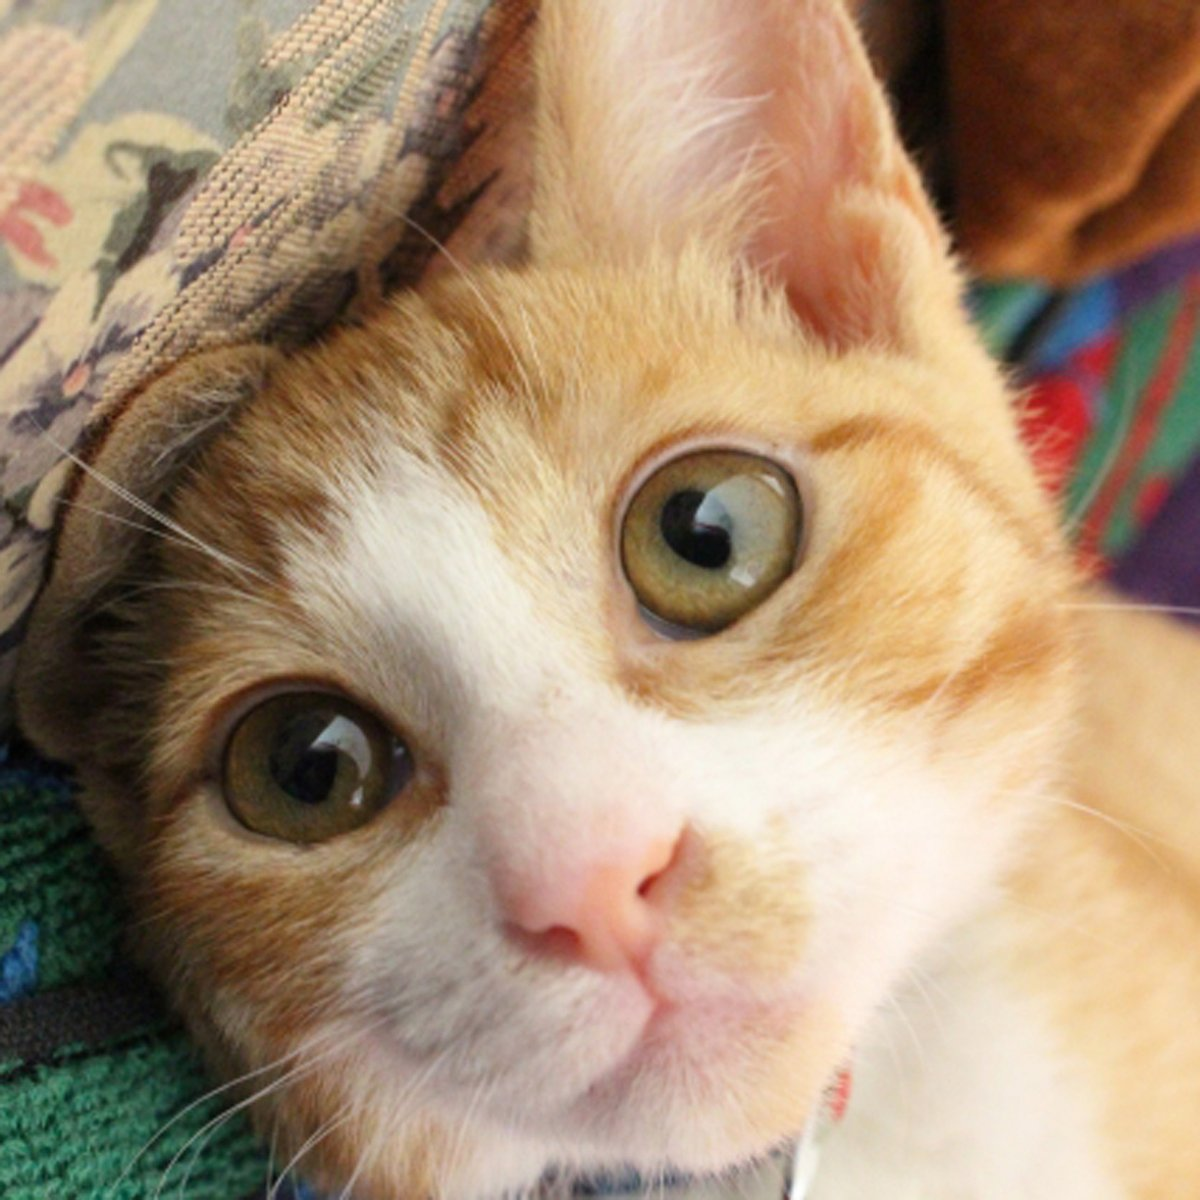 かわいいにゃんこ♪ #ハニーペット #HONEYPET #honeypet #猫 #ねこ #ねこ部 #にゃんすたぐらむ #にゃんこ #子猫 #ネコ #ねこのいる生活 #ねこのきもち #ねこのいる暮らし #kitty #catstagram #petstagram #instacat #meow #instagood #follow #followme https://t.co/7FgWToW2A8